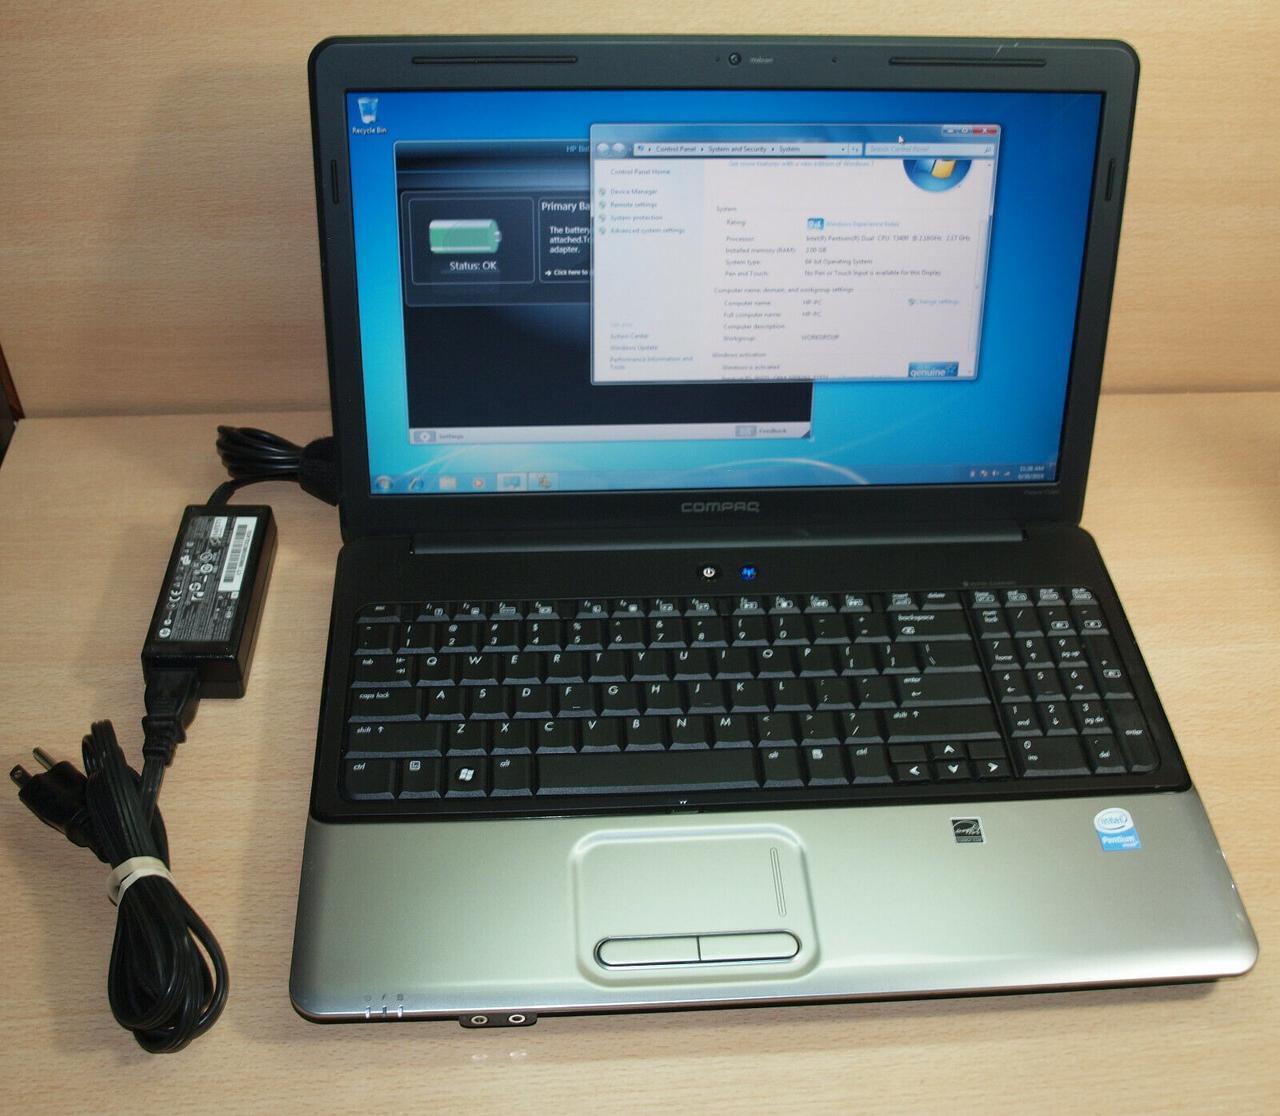 Ноутбук, notebook, HP Compaq Presario CQ60, 2 ядра по 2,1 ГГц, 2 Гб ОЗУ, HDD 250 Гб